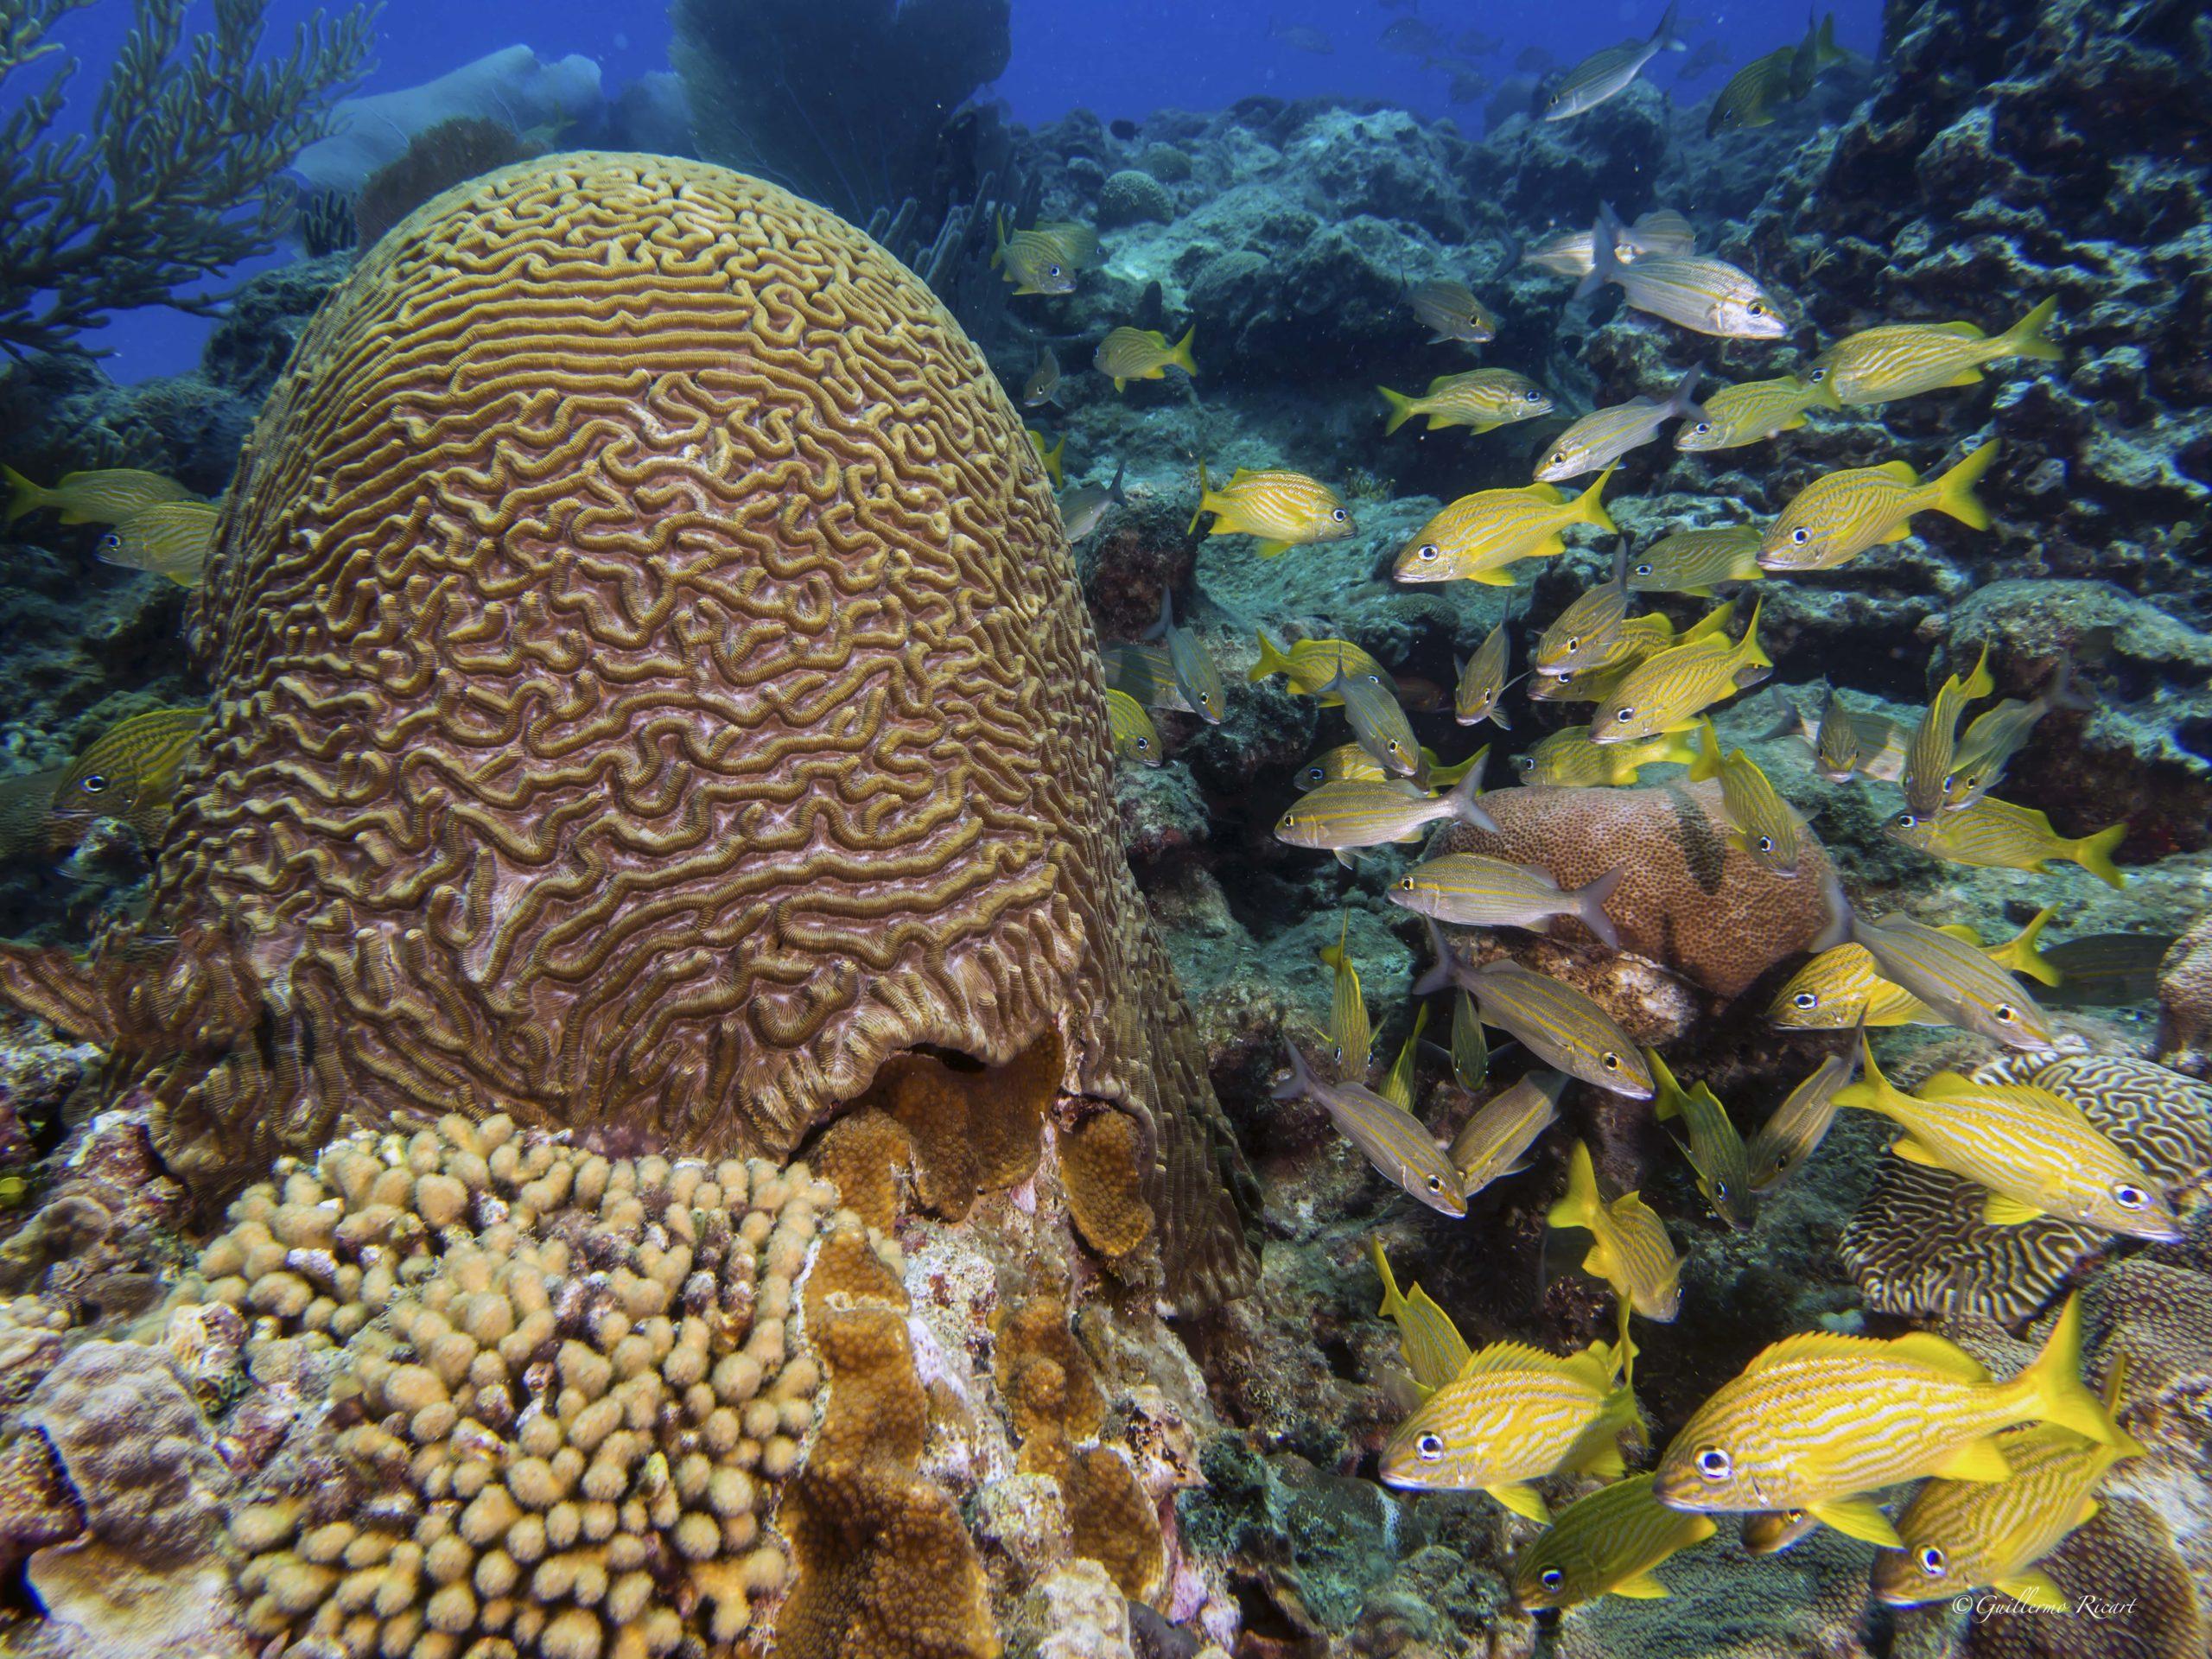 Cardúmen de French Grunt (Haemulon Flavolineatum) próximos a un Symmetrical Brain Coral (Diploria strigosa) en Sosúa.- Guillermo Ricart